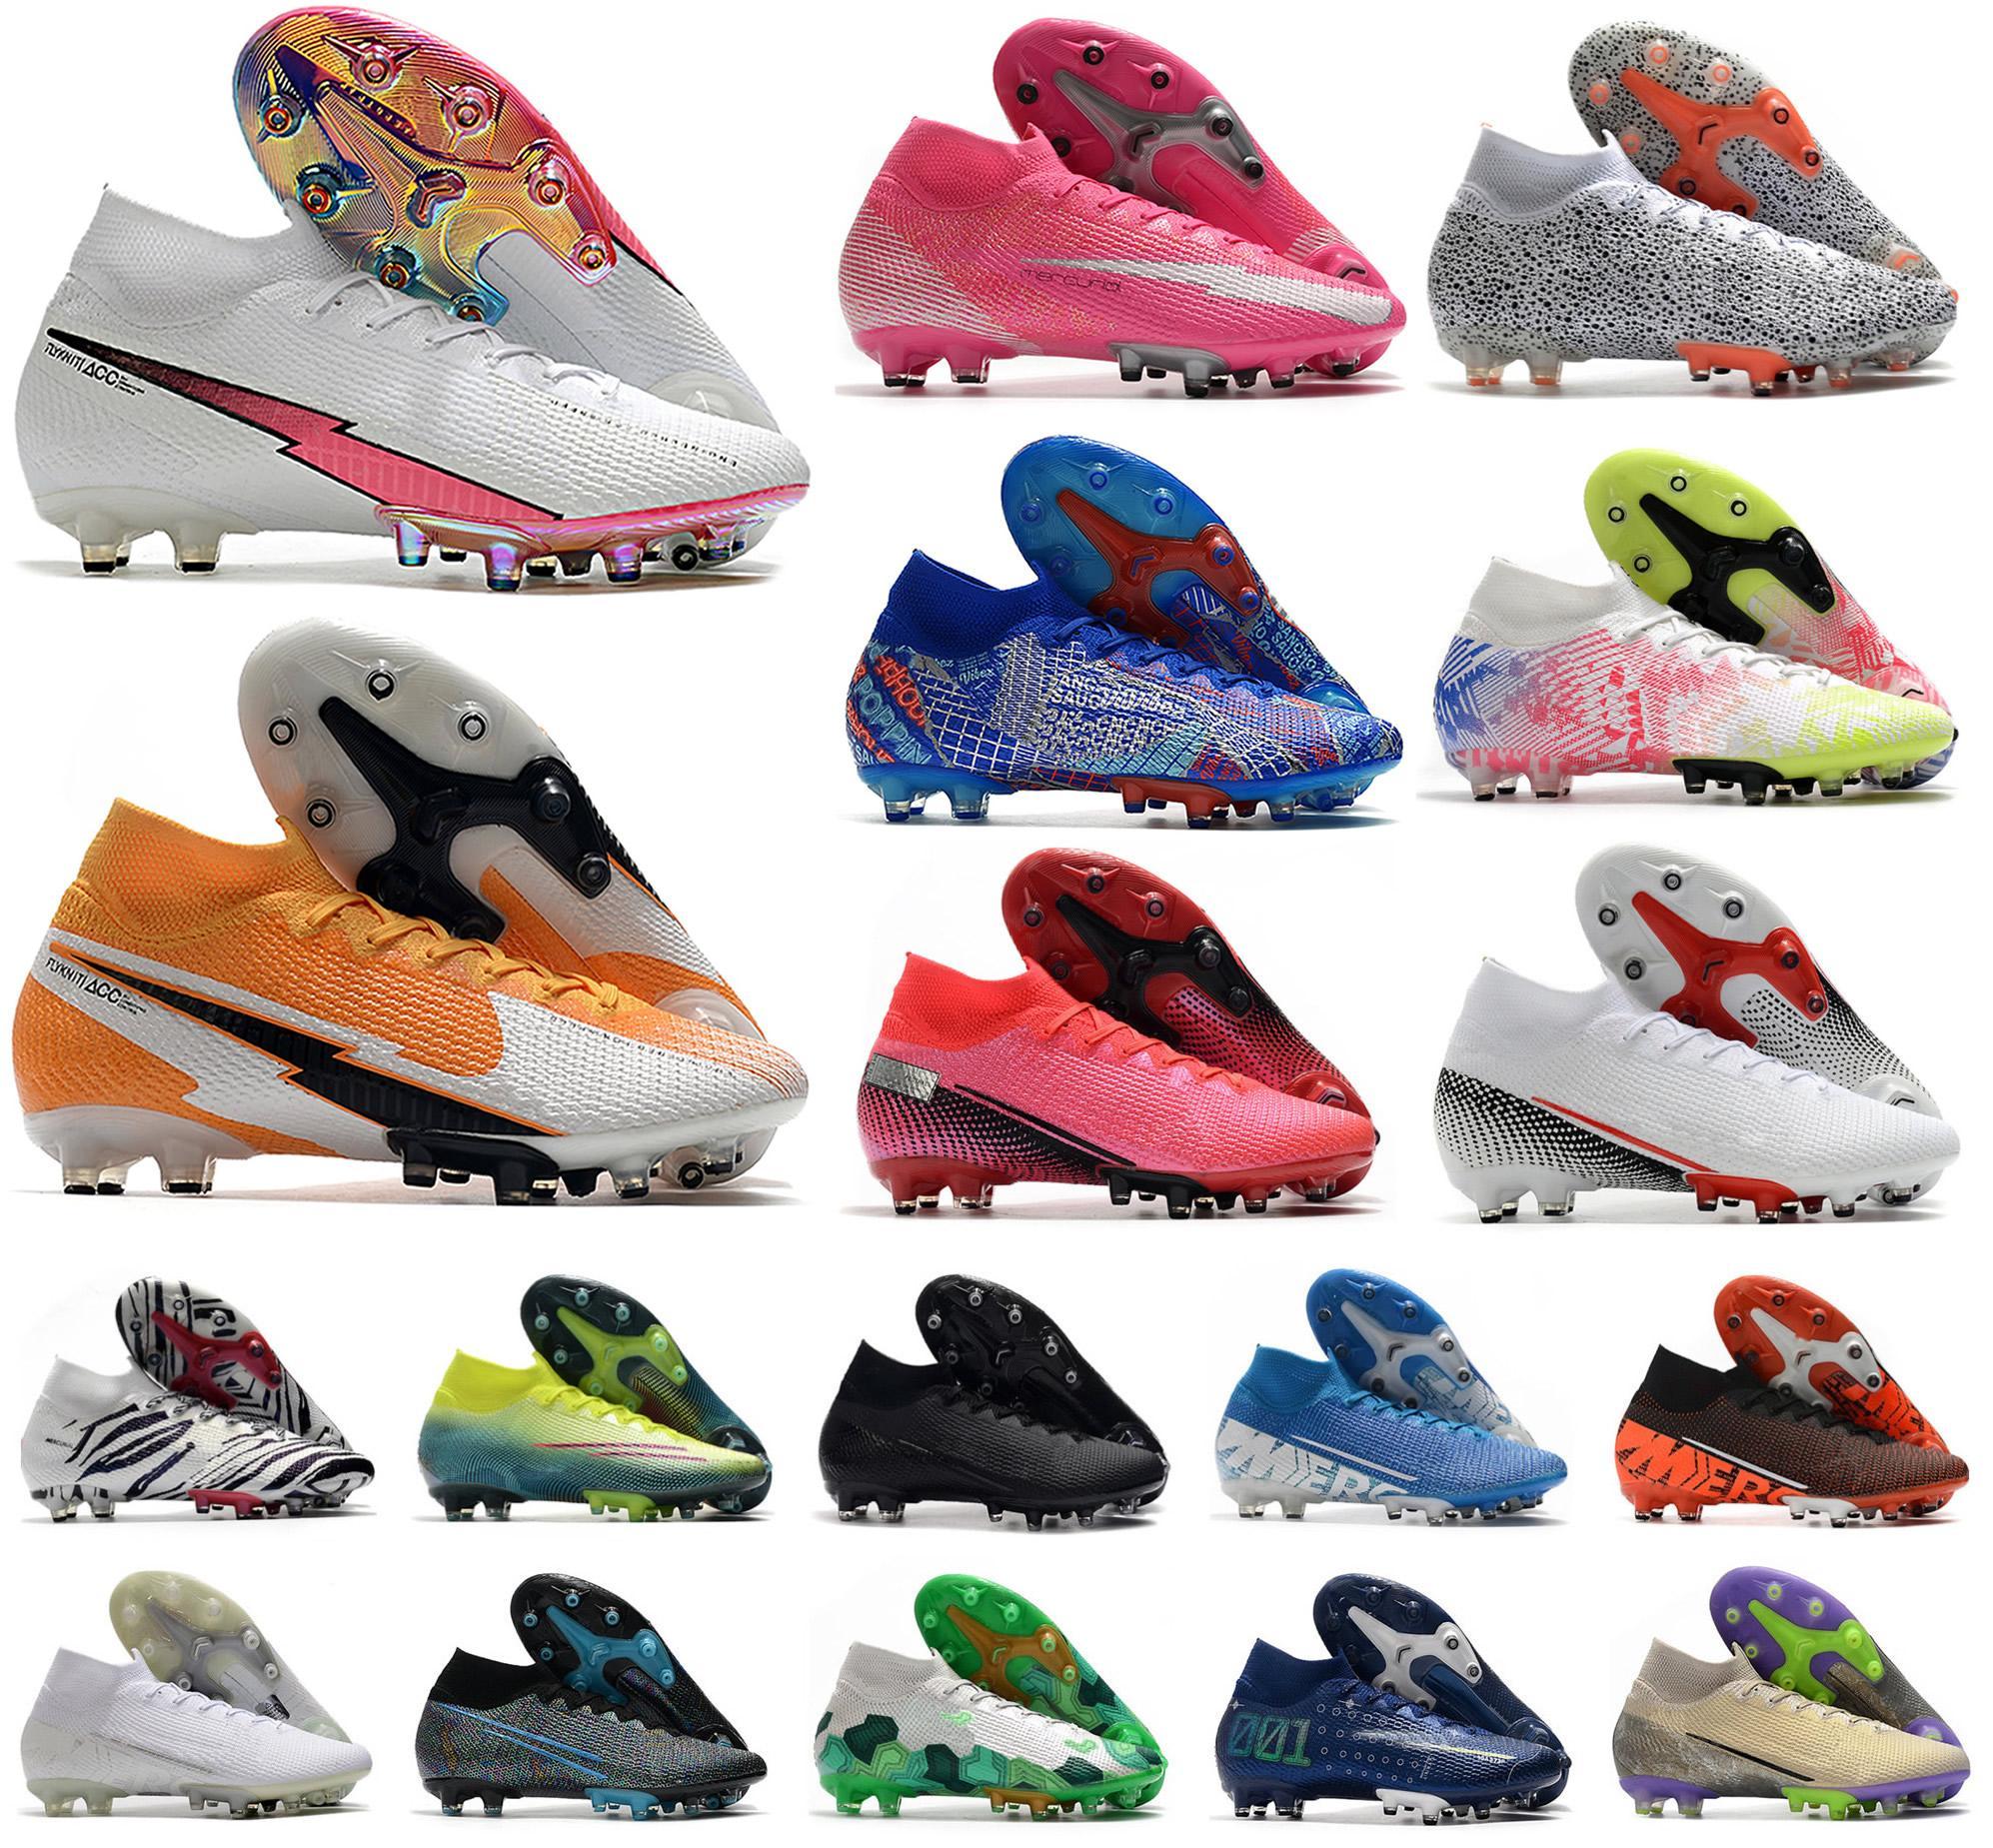 Superfly VII 7 360 Elite SE AG Flaş Crimson Güney Kore CR7 Ronaldo Erkek Erkek Futbol Ayakkabıları Futbol Boots Cleats US6.5-11